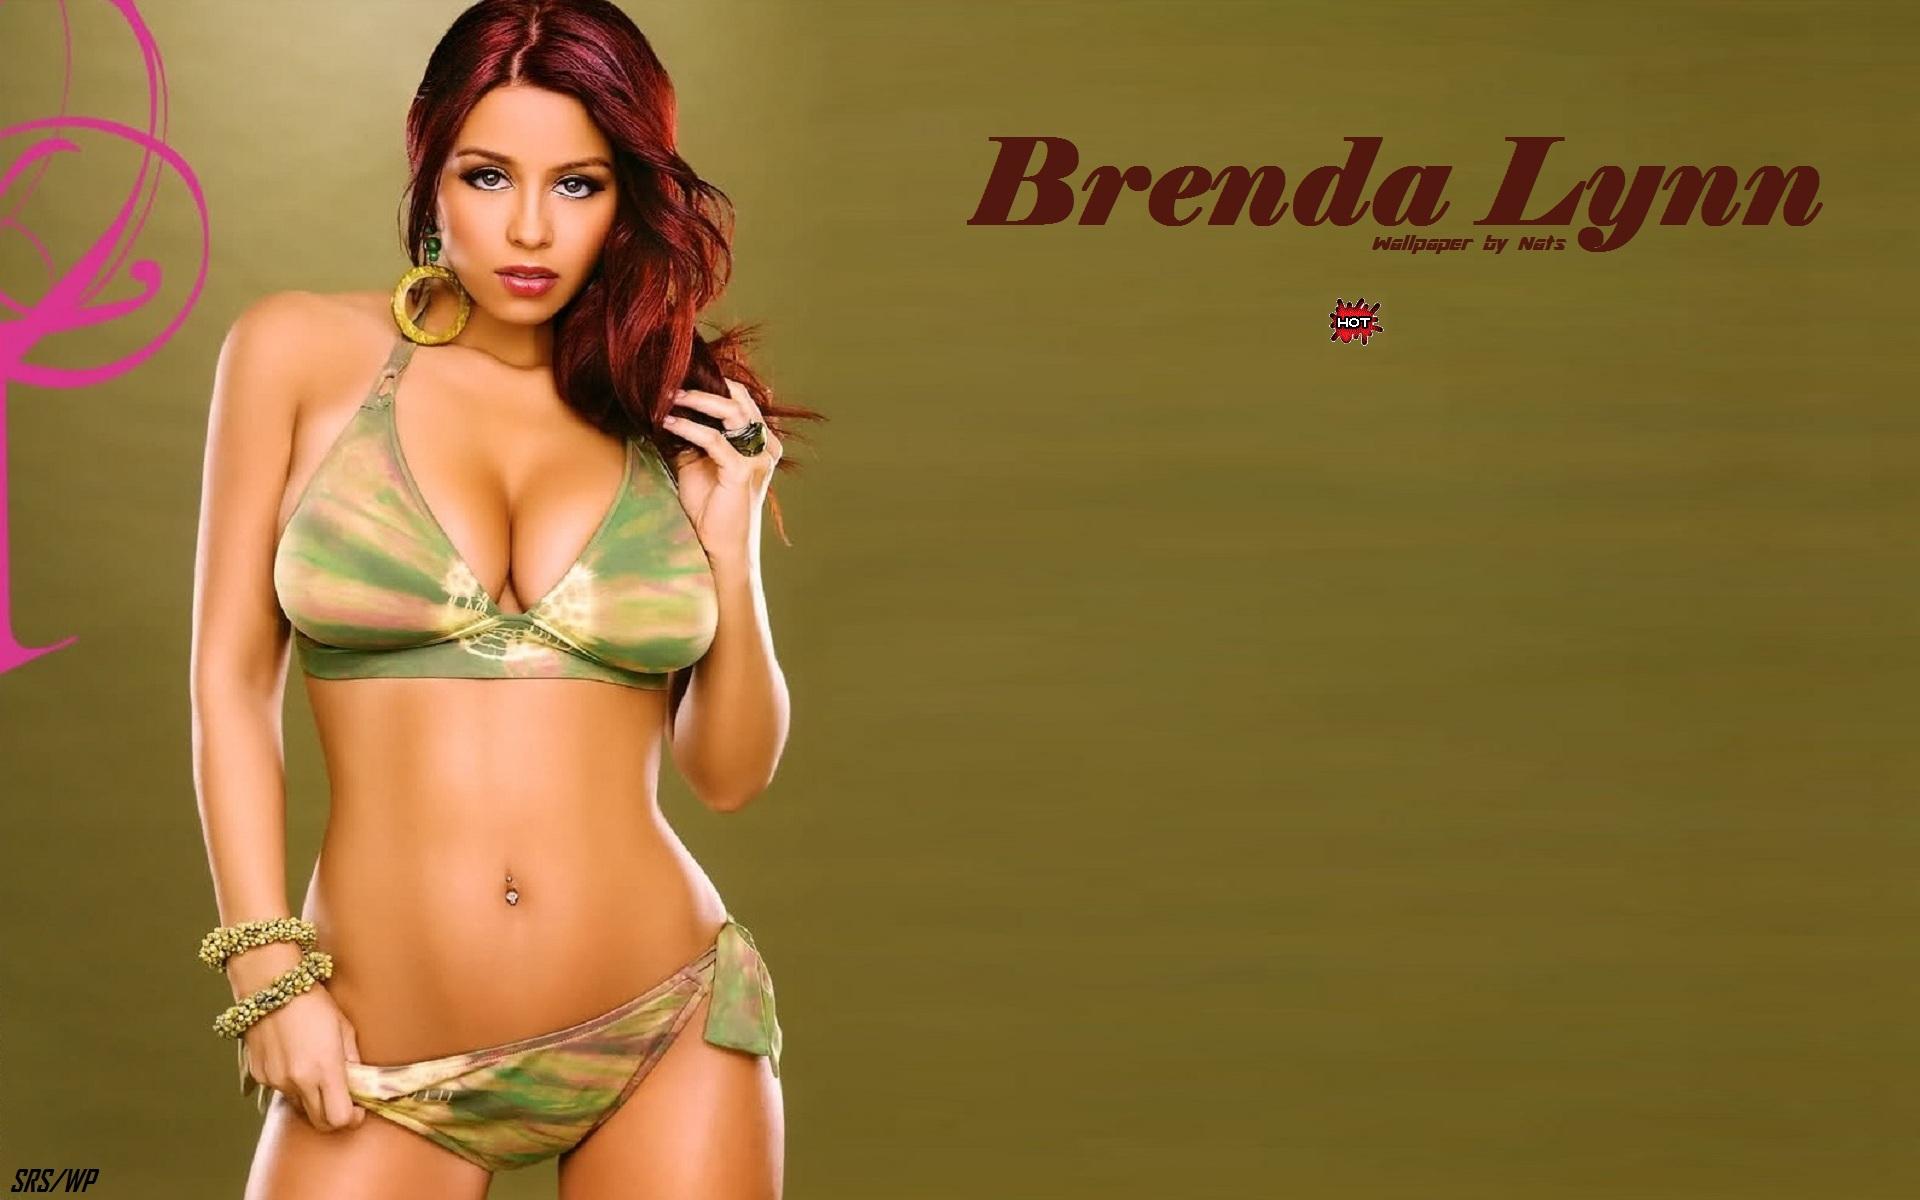 free download hq brenda lynn wallpaper num 3 1920 x